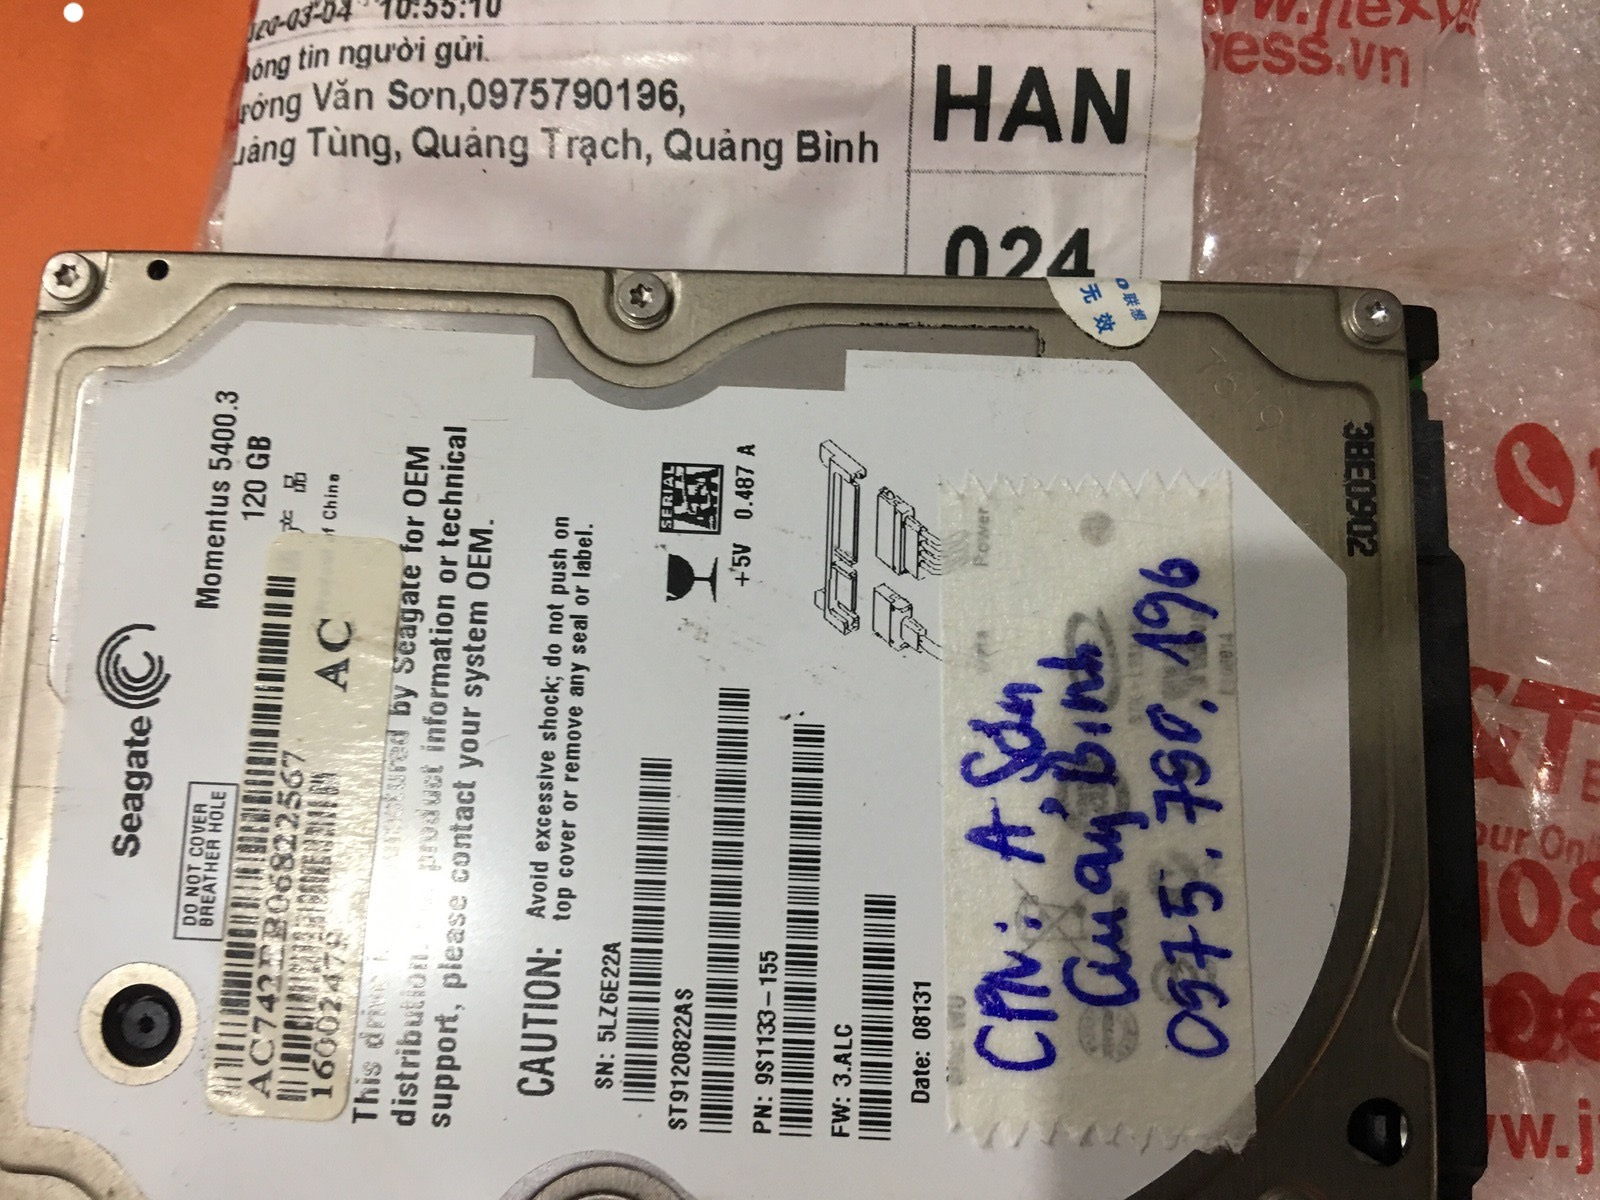 Phục hồi dữ liệu ổ cứng Seagate 120GB bad tại Quảng Bình 23/03/2020 - cuumaytinh